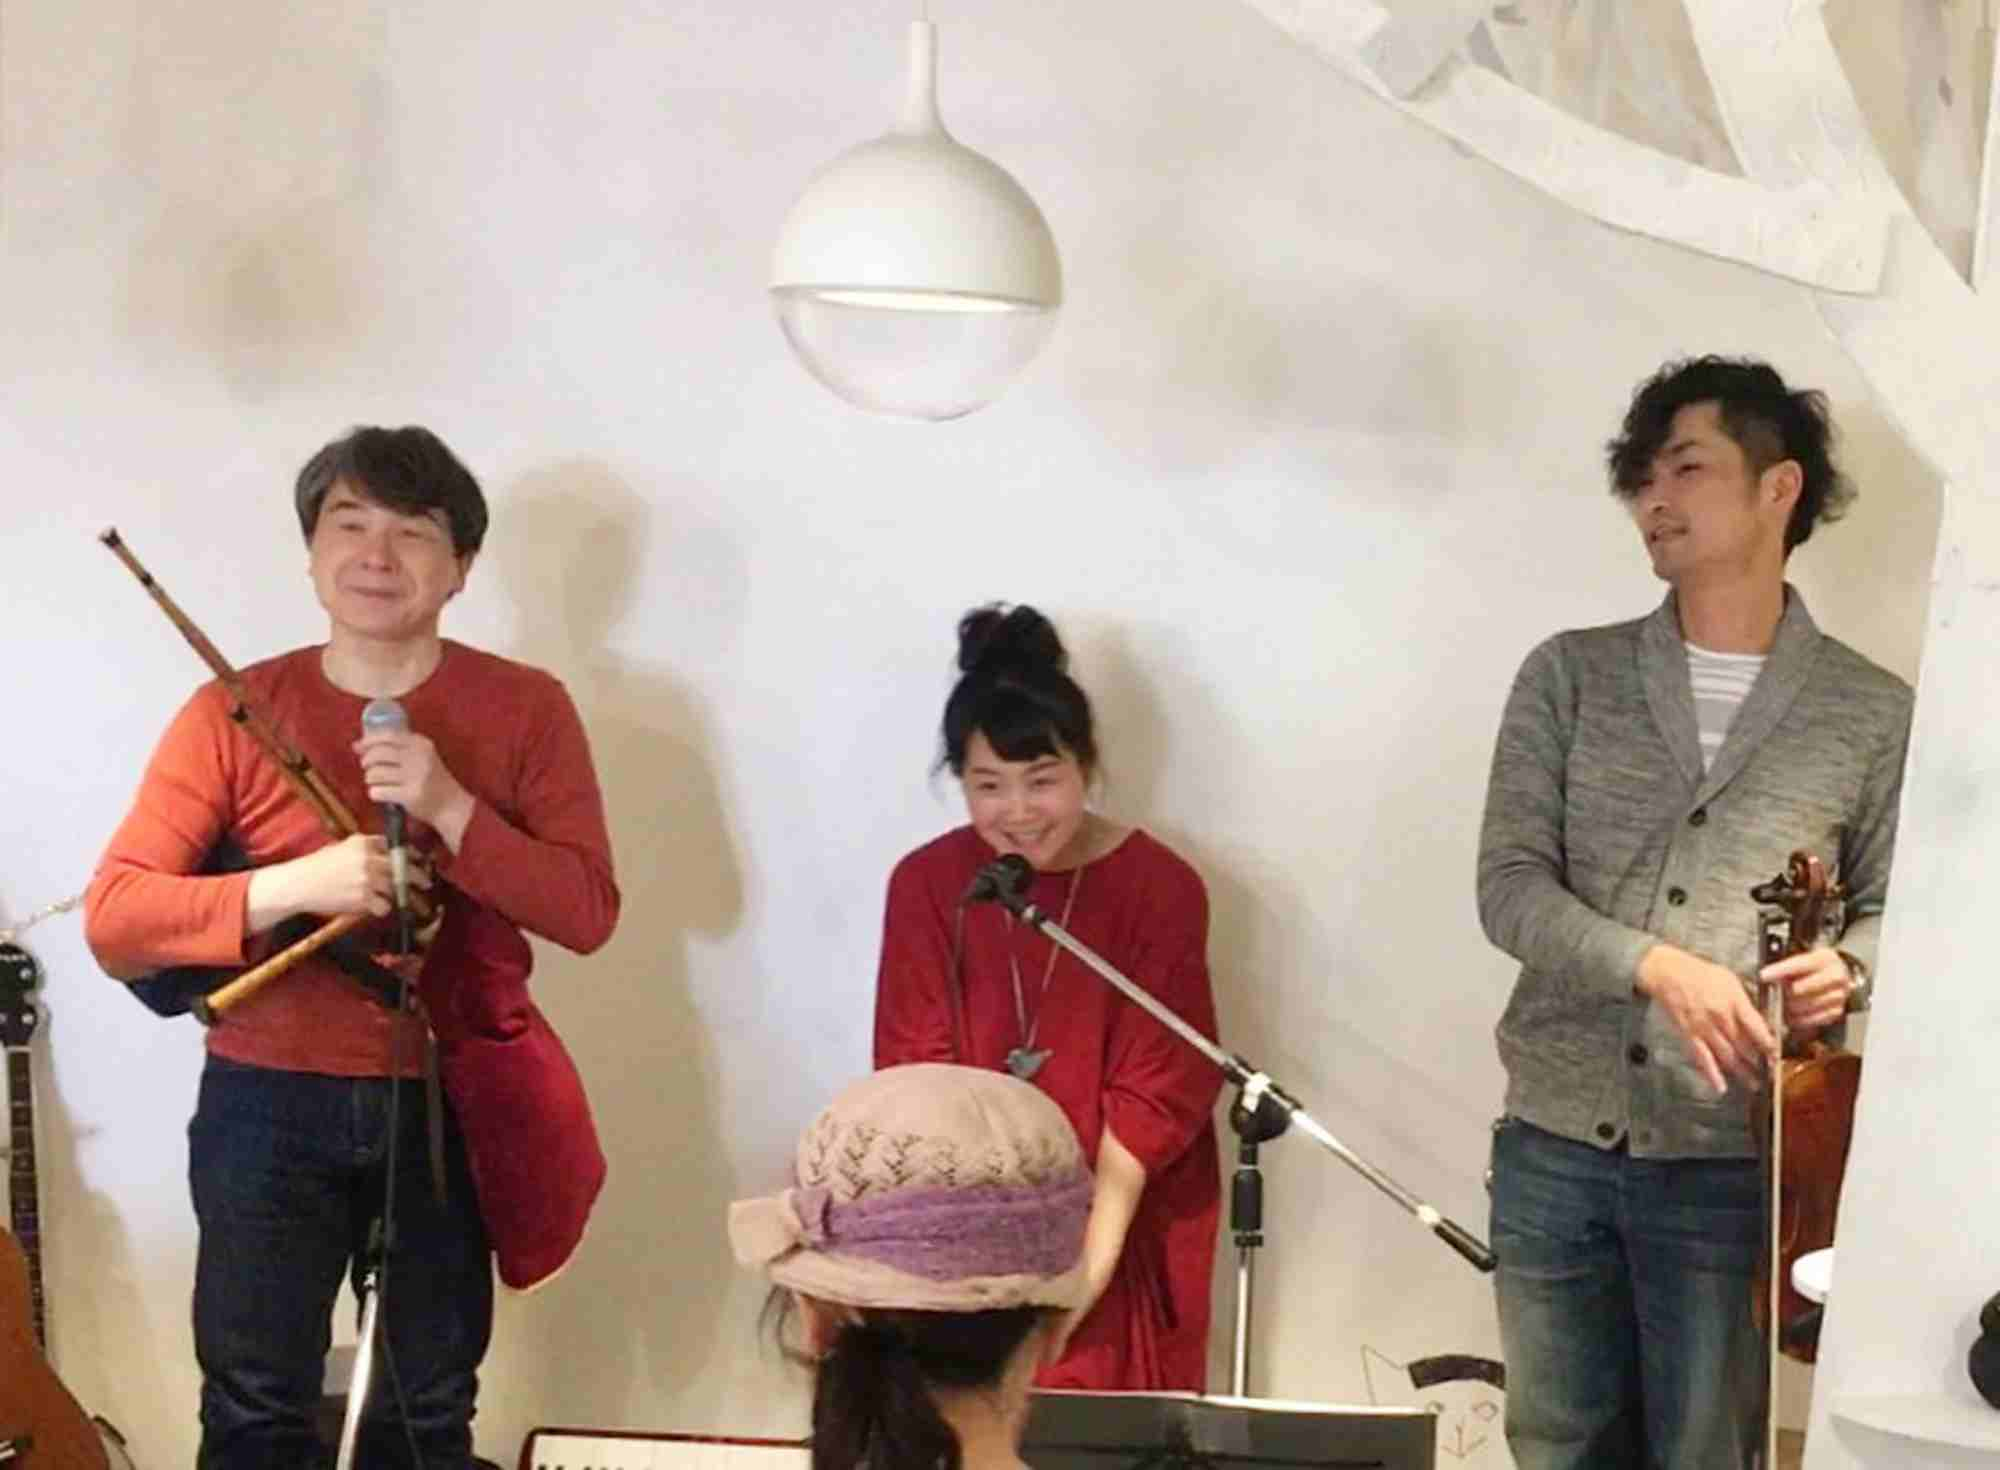 ライブのお知らせ:2018/02/18(日)香里園、七穀ベーカリーさんにて